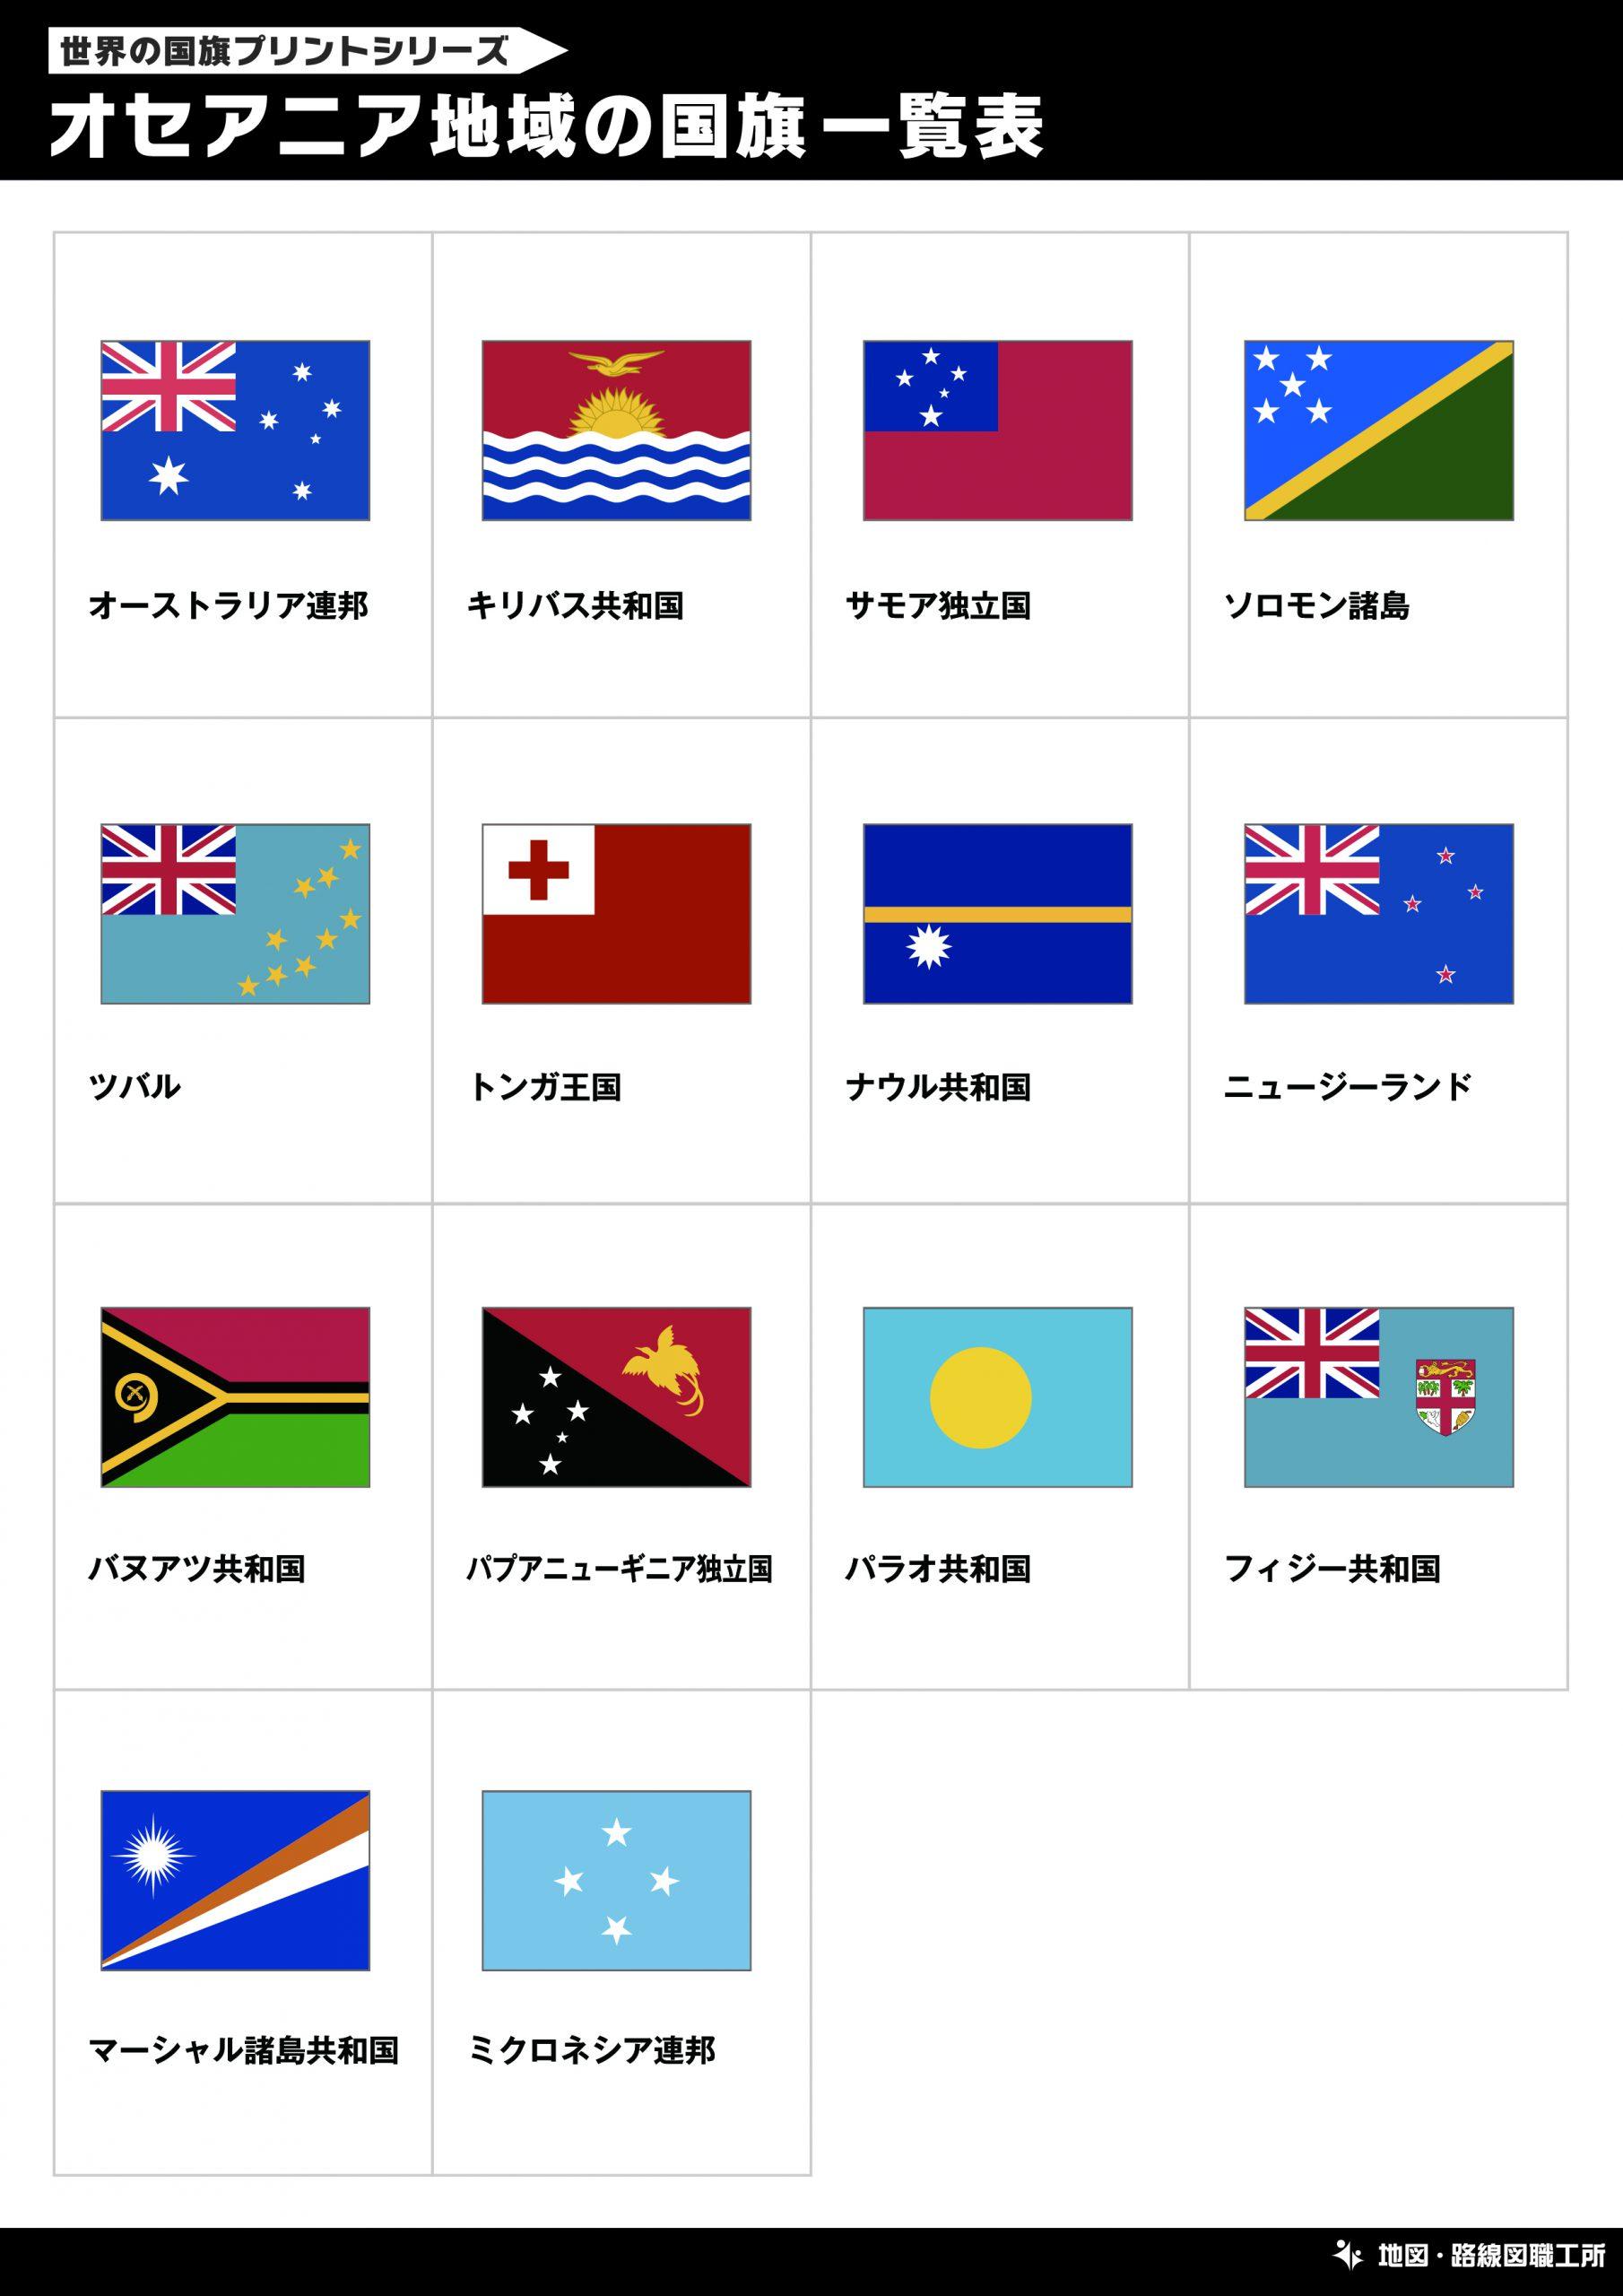 オセアニア地域の国旗一覧表